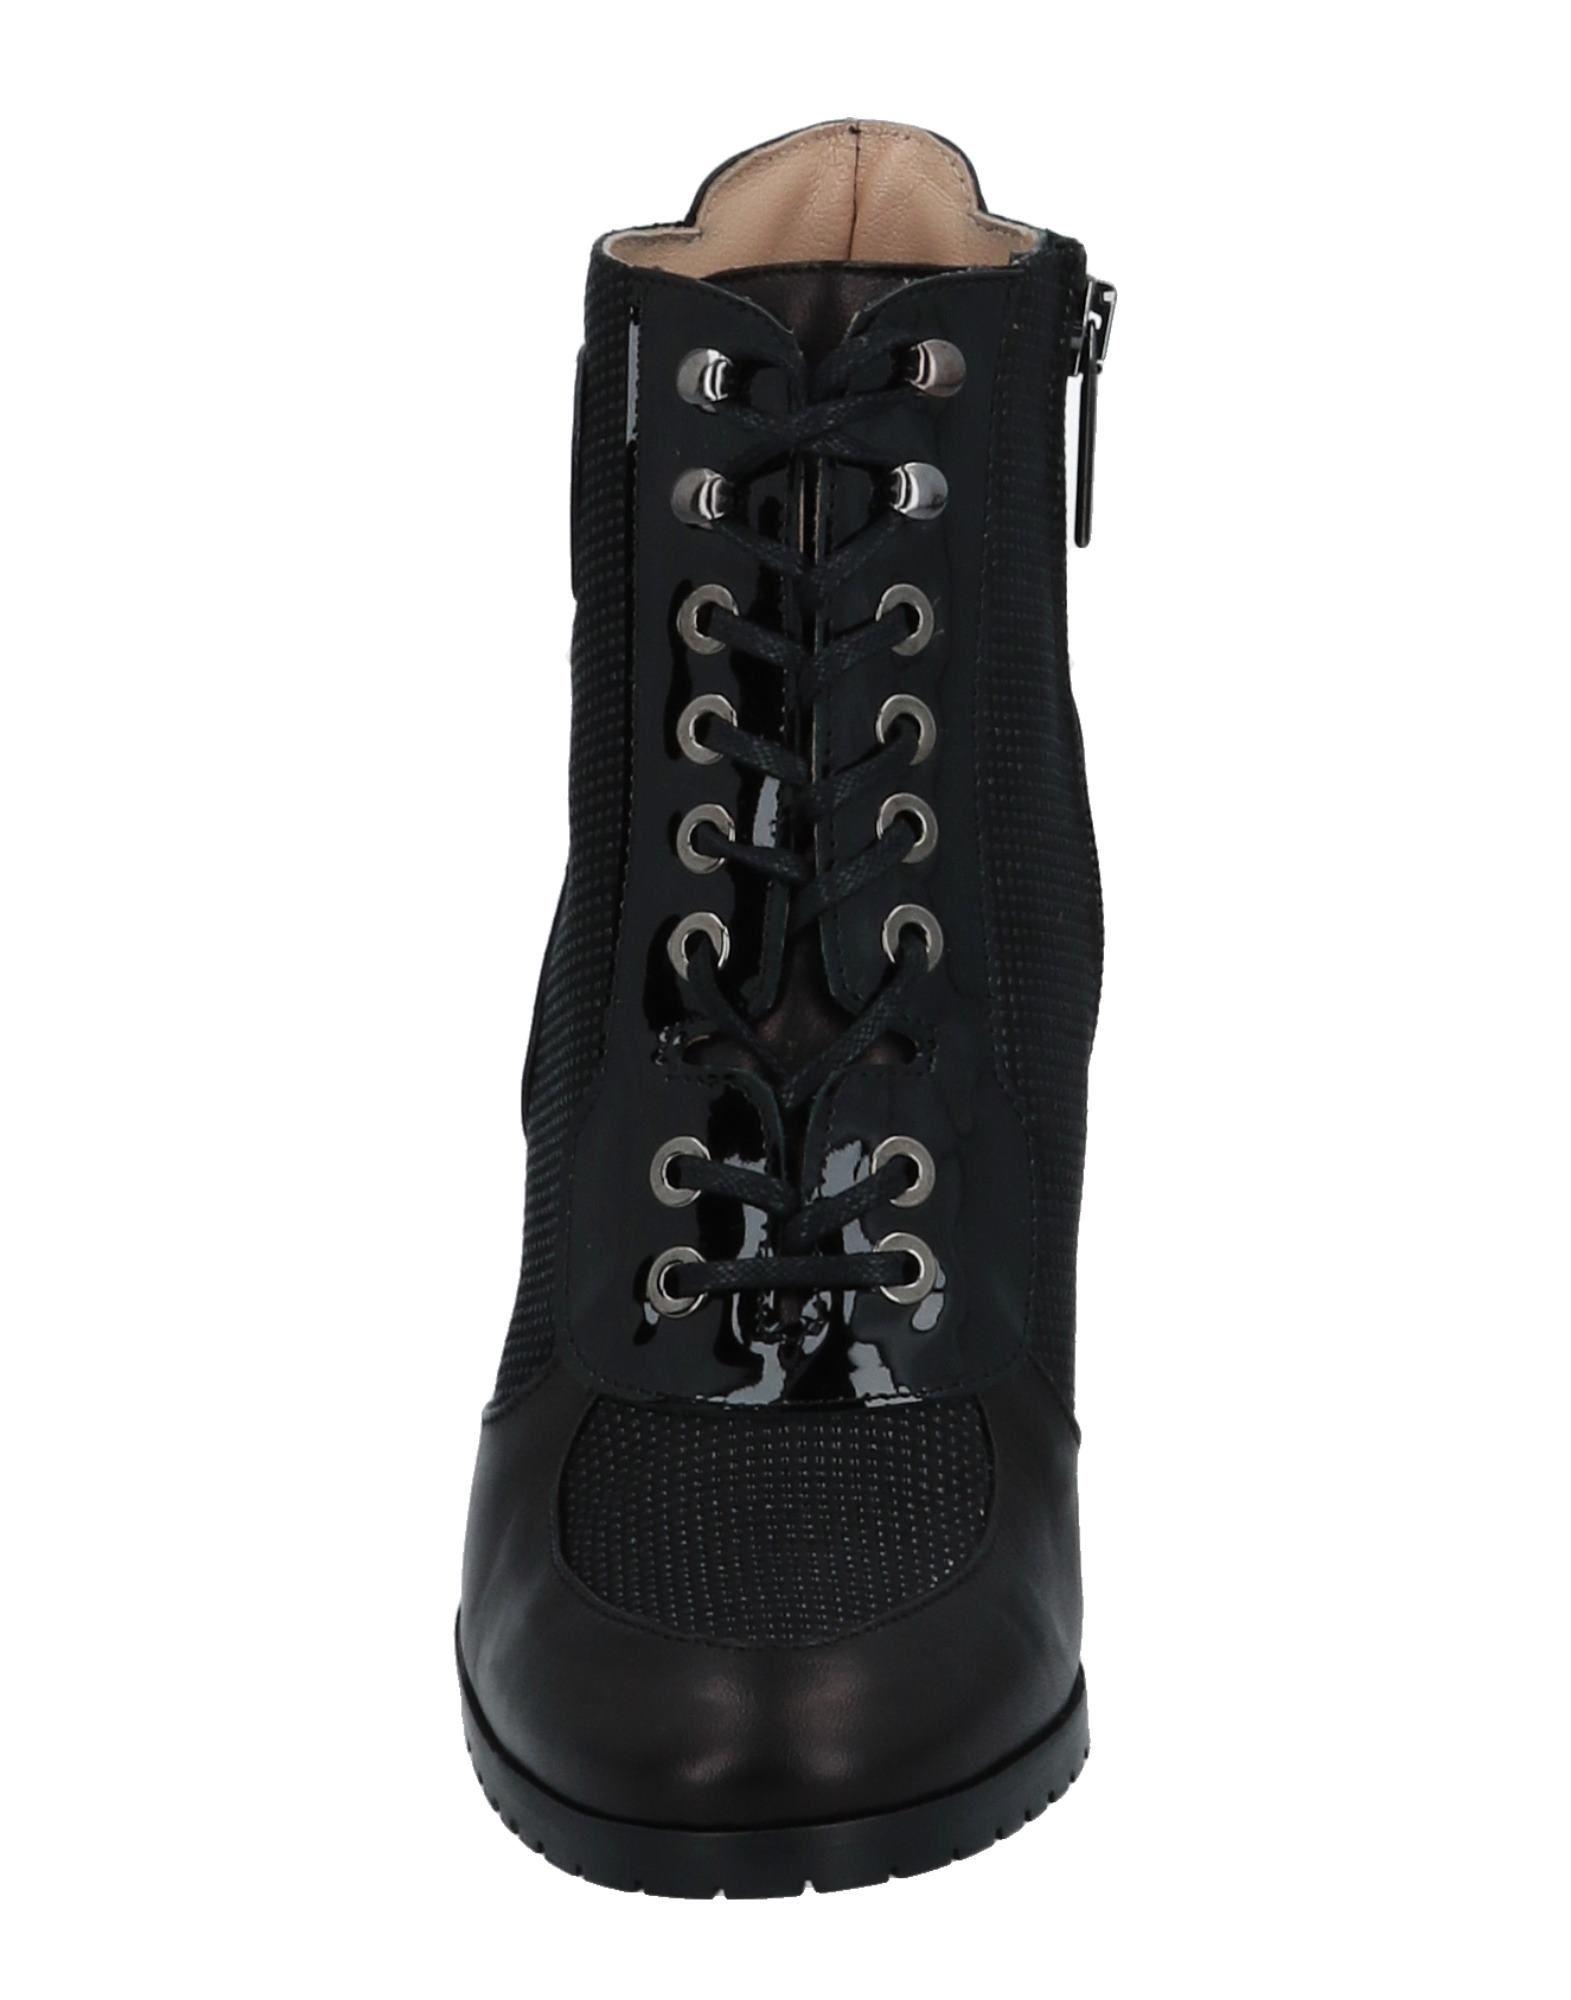 Rabatt Schuhe Stiefelette Conni Stiefelette Schuhe Damen  11517773XS 275ad3